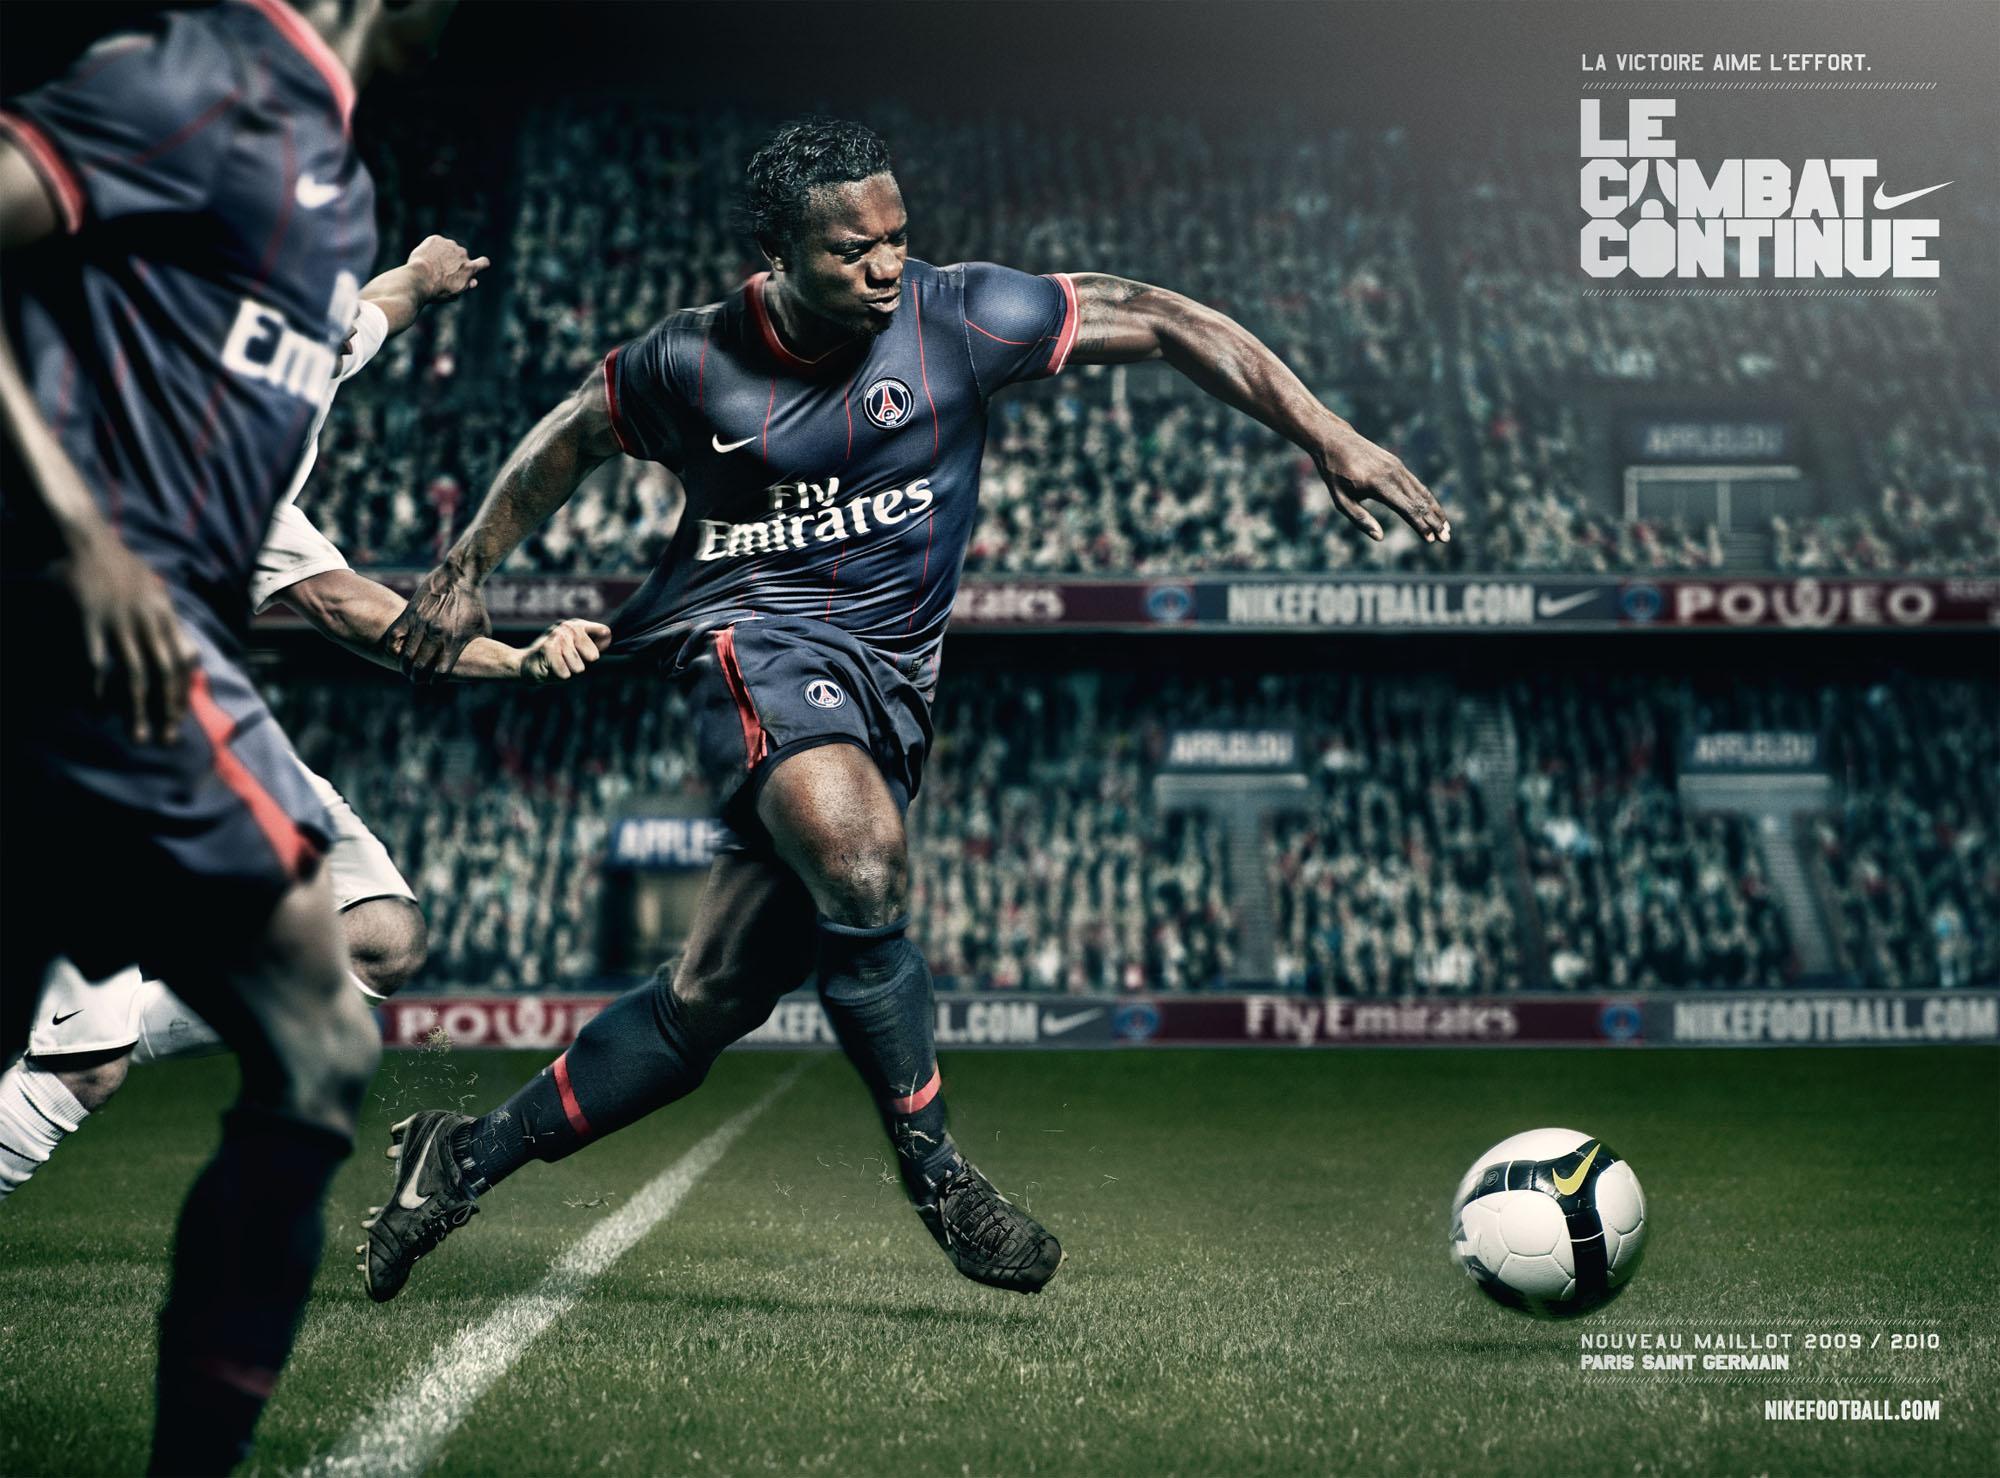 NFRCOM09145_NikeFR_Pitch_Hor_v2_high_o.jpg